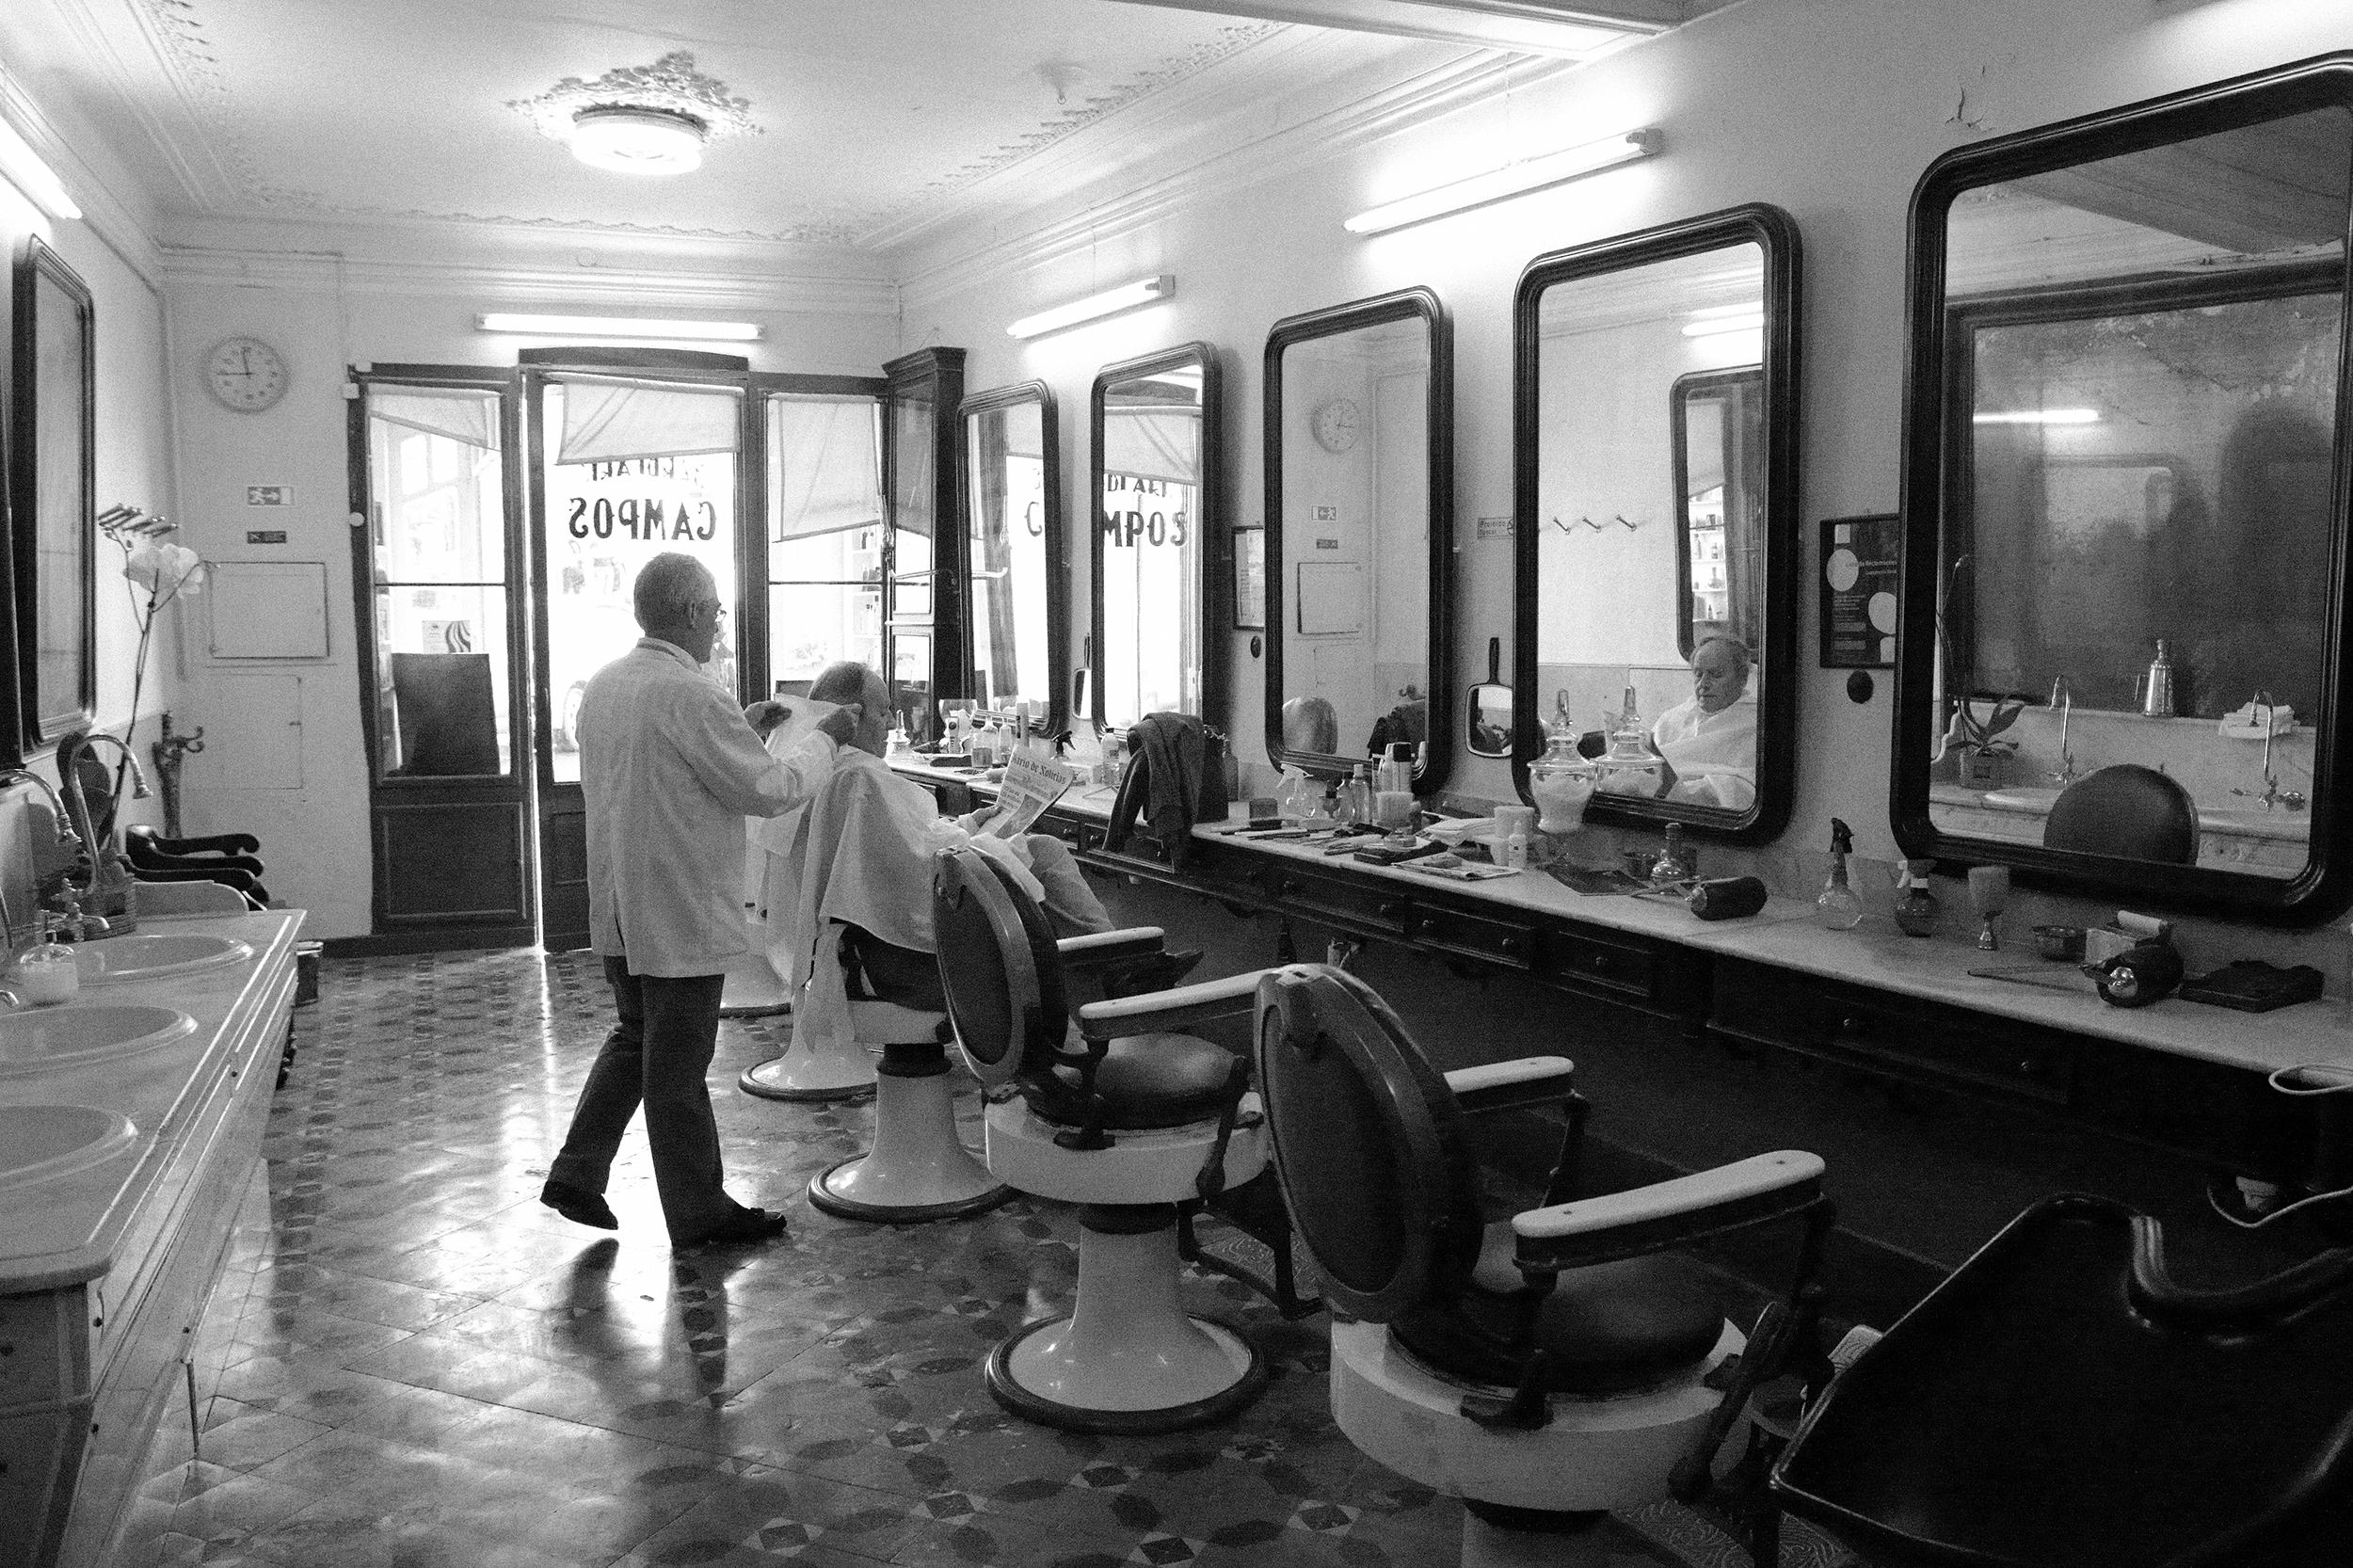 Haircutter - Lissabon, Portugal